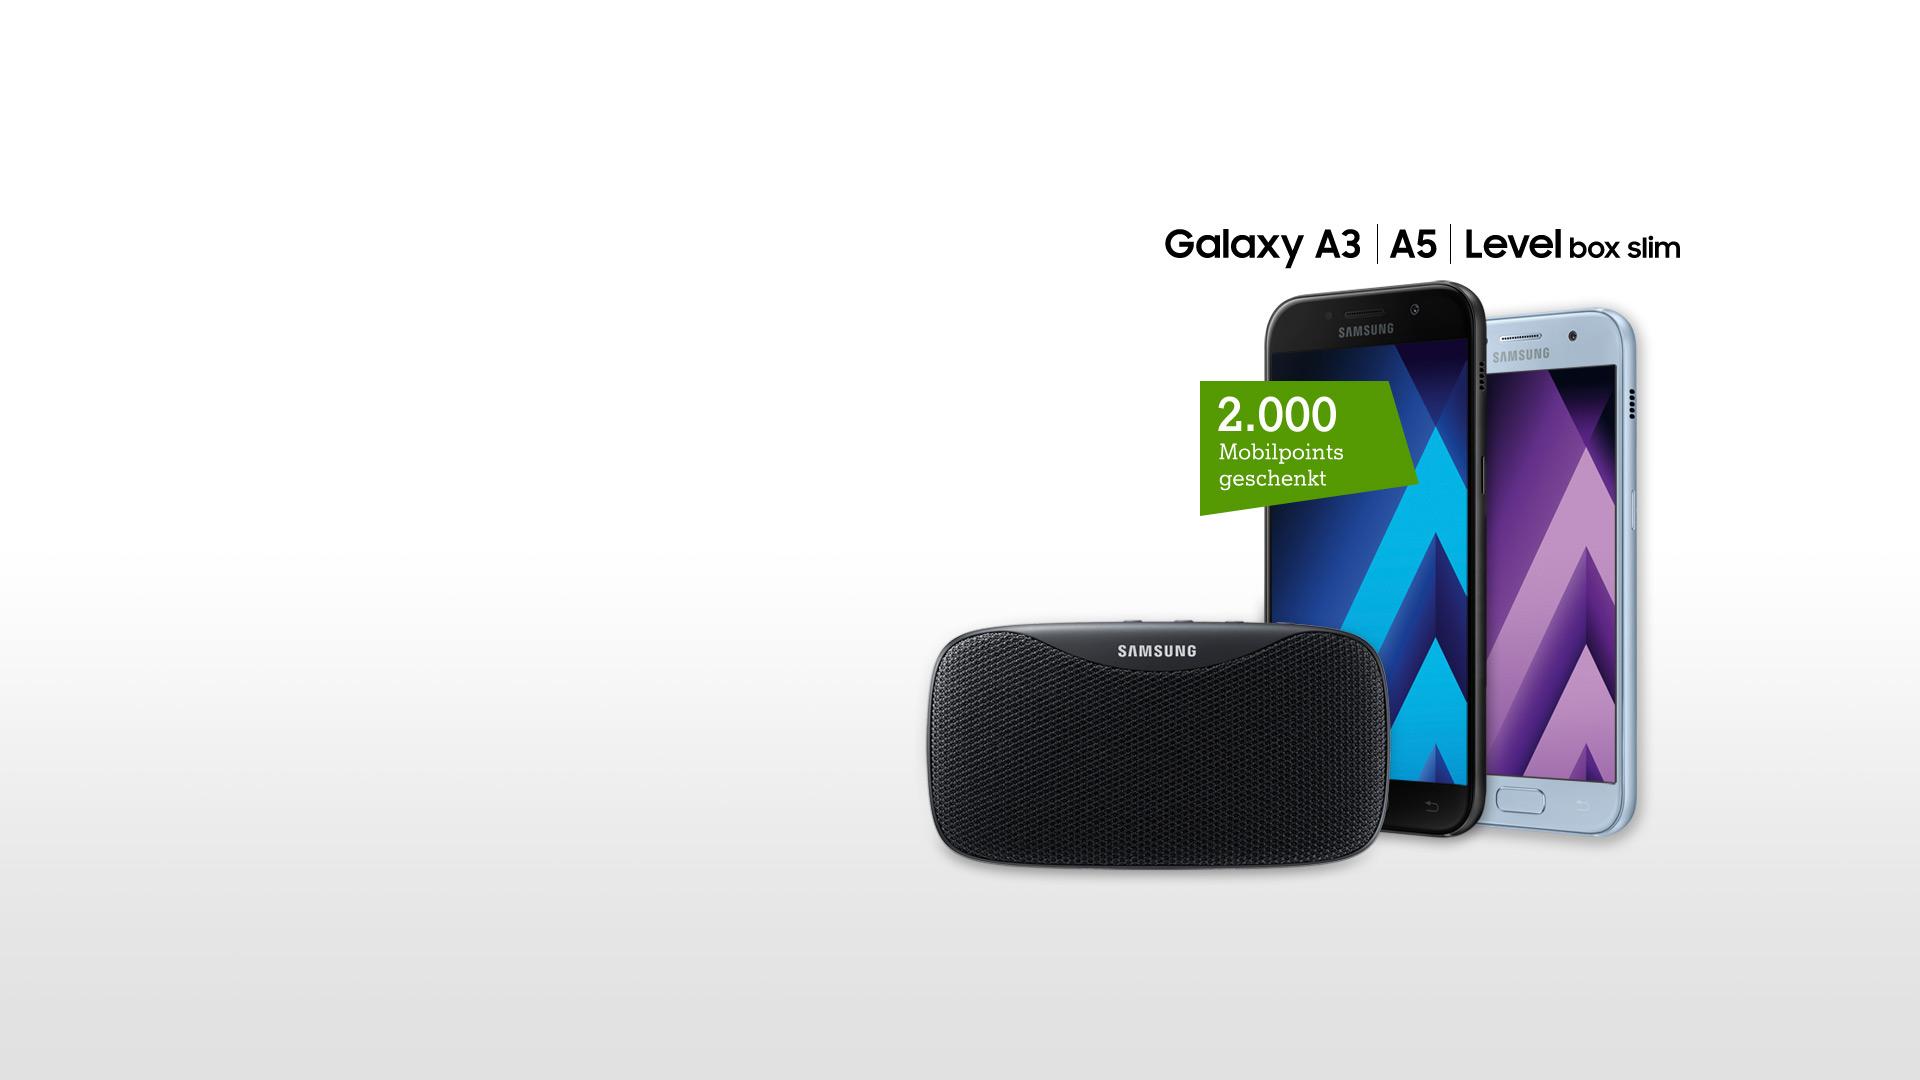 Samsung Galaxy A3 2017 und A5 2017 mit Level box slim